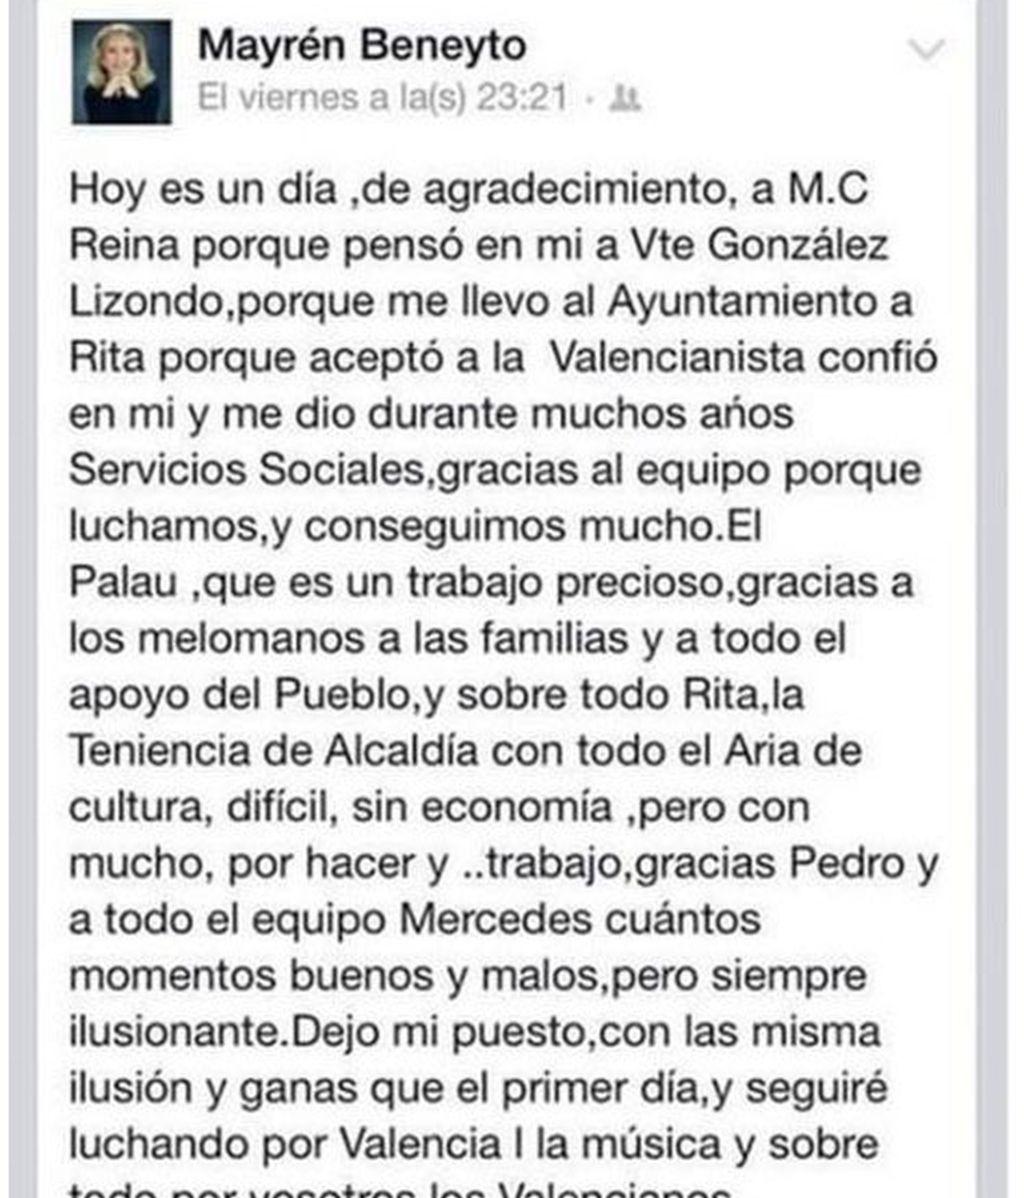 Valencia,Mayrén Beneyto,despedida en Facebook